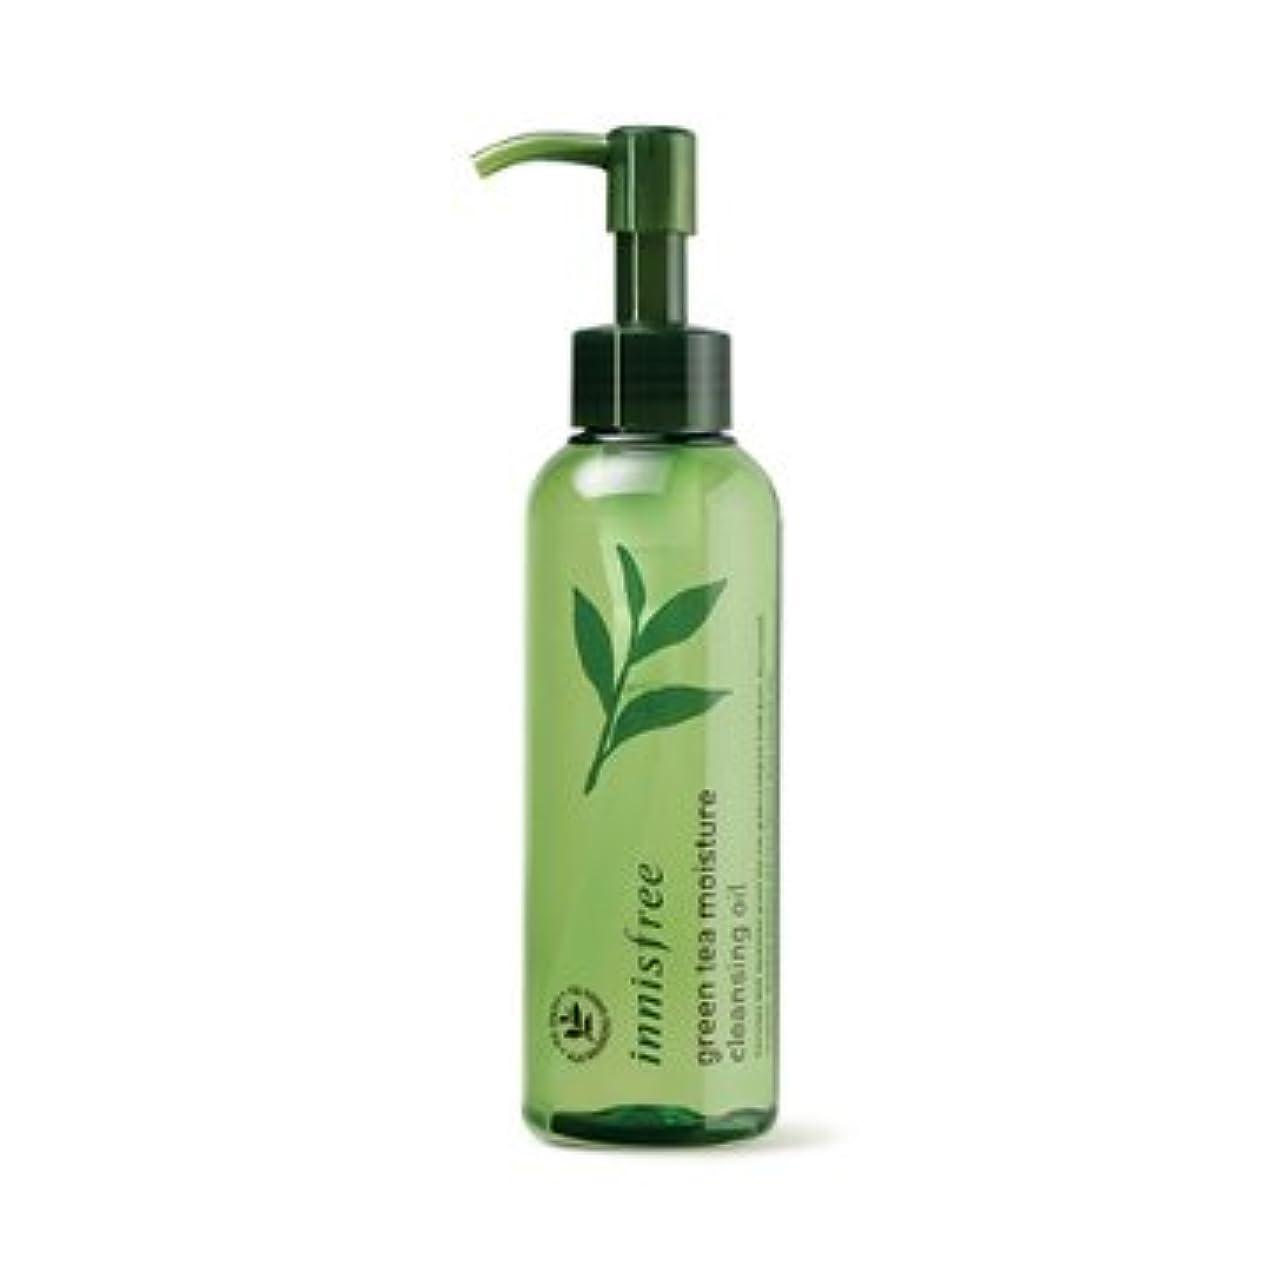 似ている小麦大西洋【イニスフリー】Innisfree green tea moisture cleansing oil - 150ml (韓国直送品) (SHOPPINGINSTAGRAM)